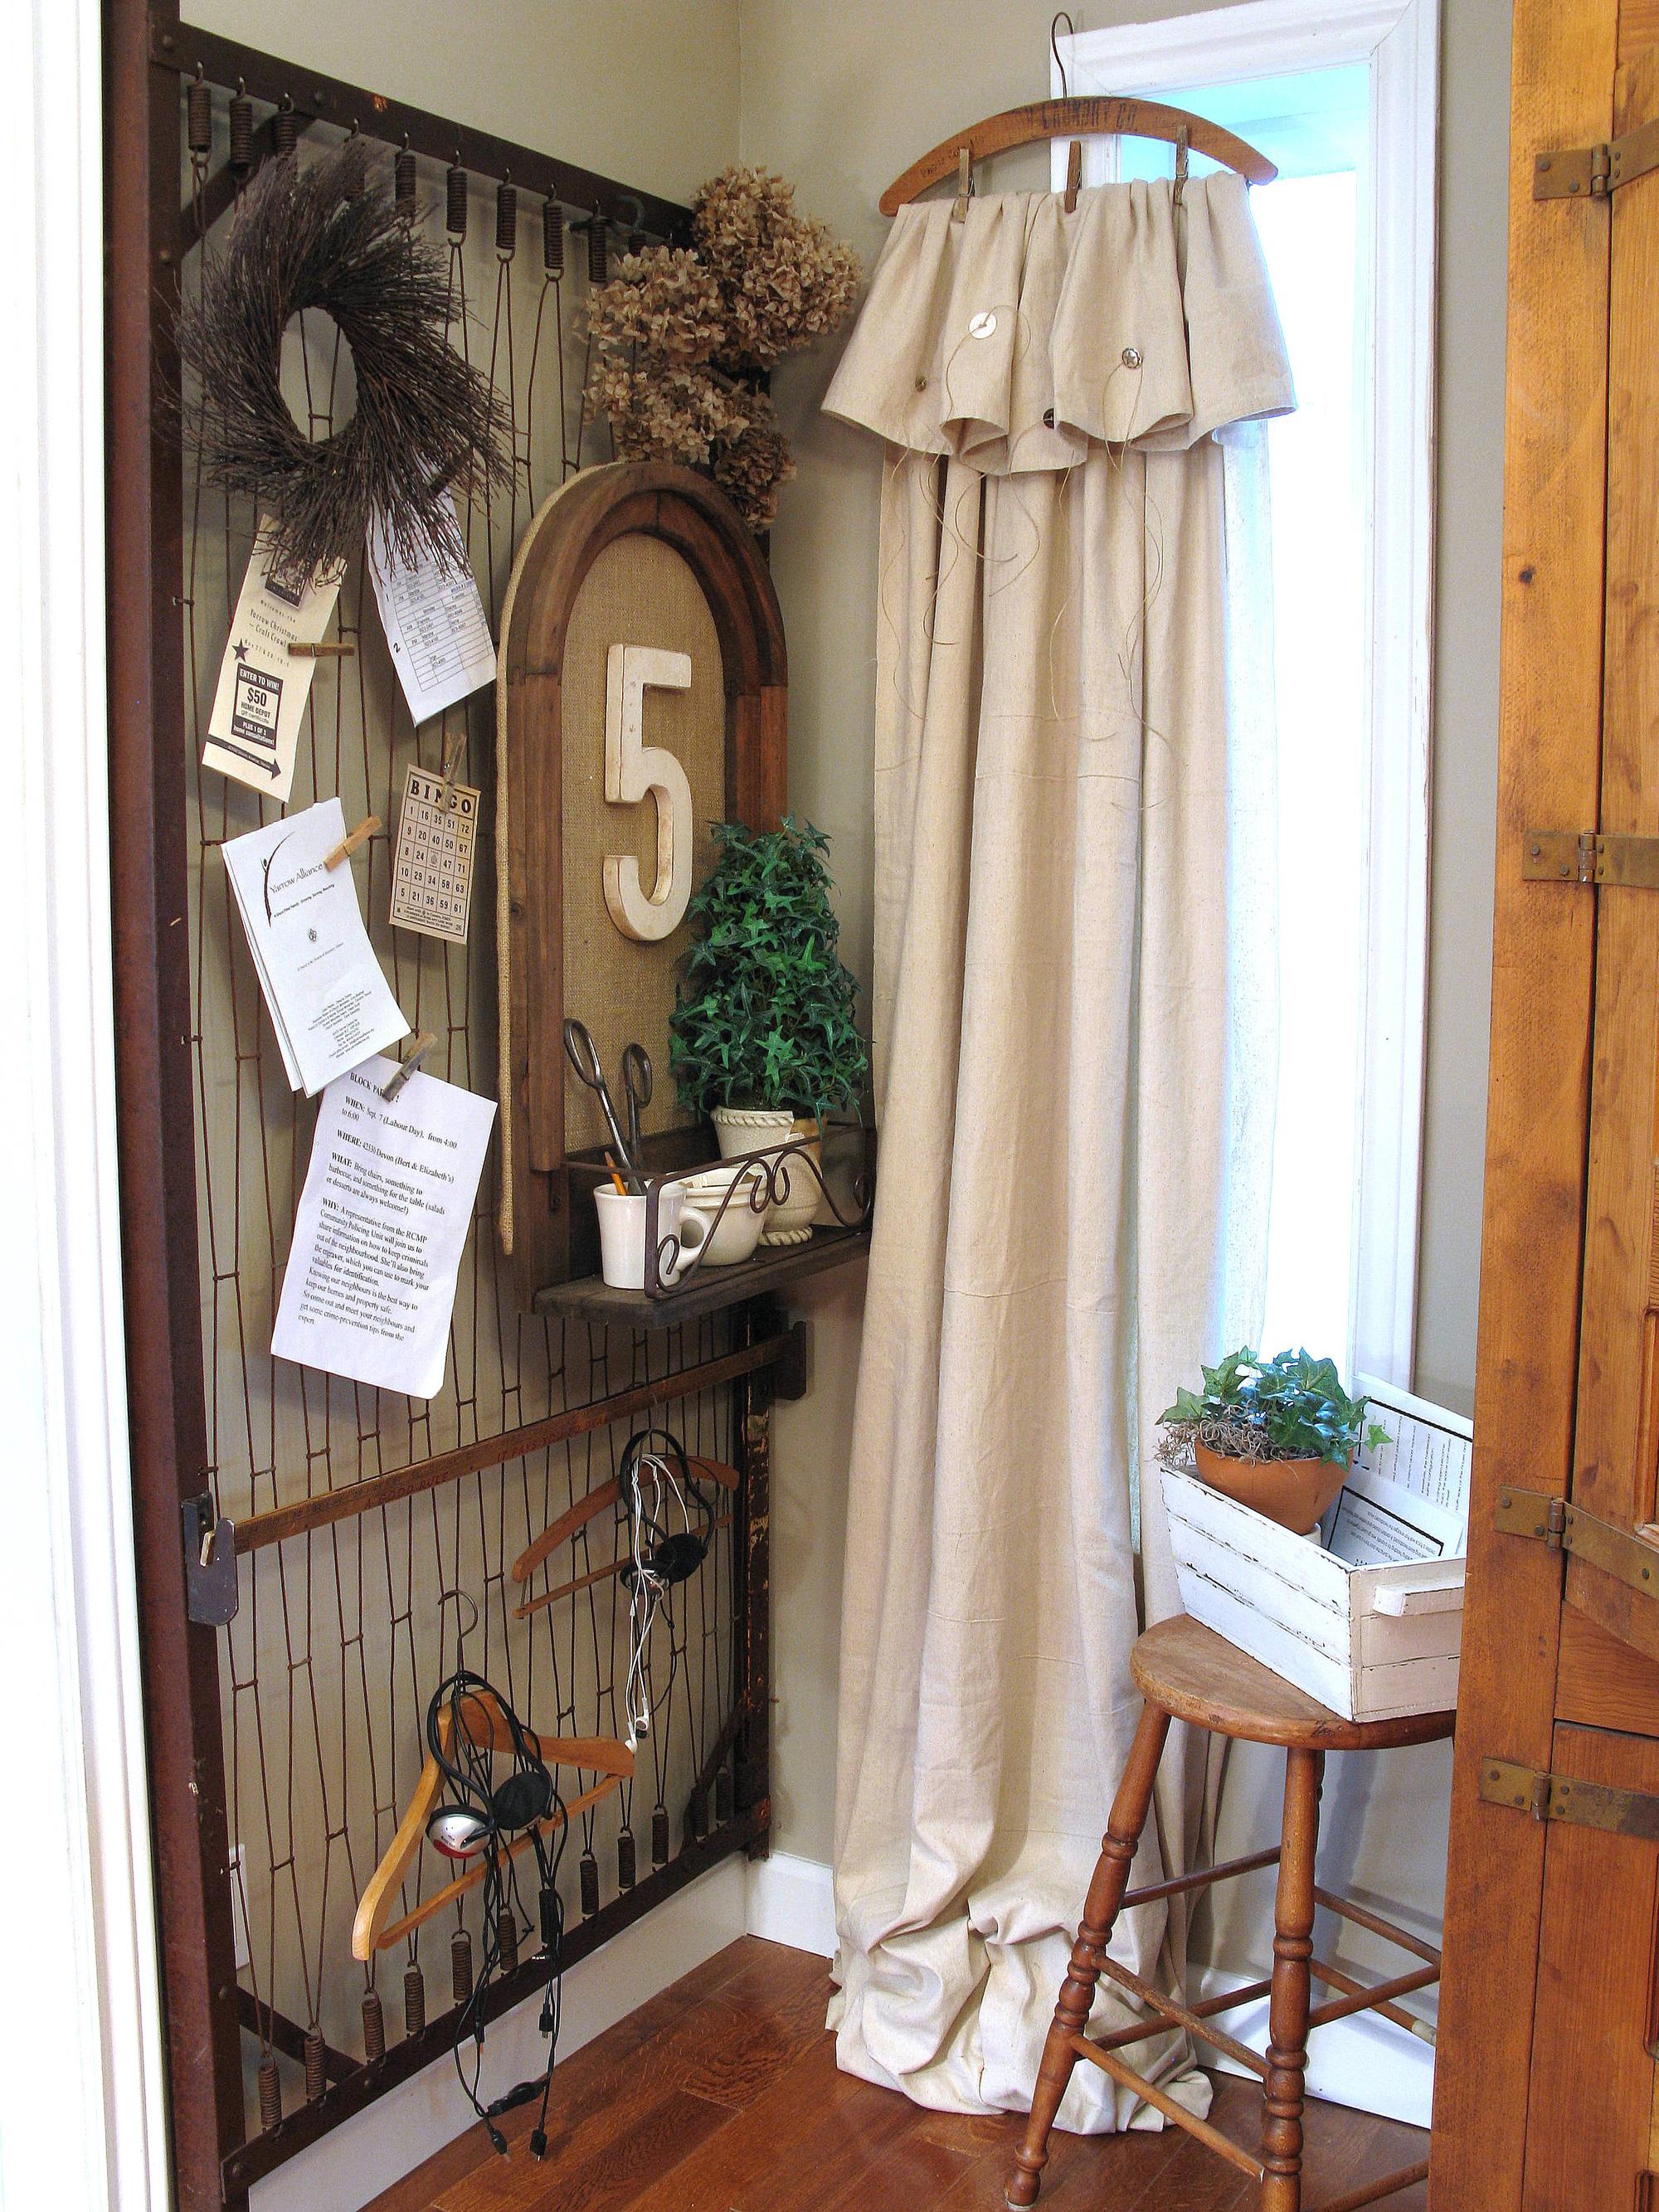 """7 cách tận dụng đồ cũ để làm đẹp nhà """"siêu chất"""" - Ảnh 7."""